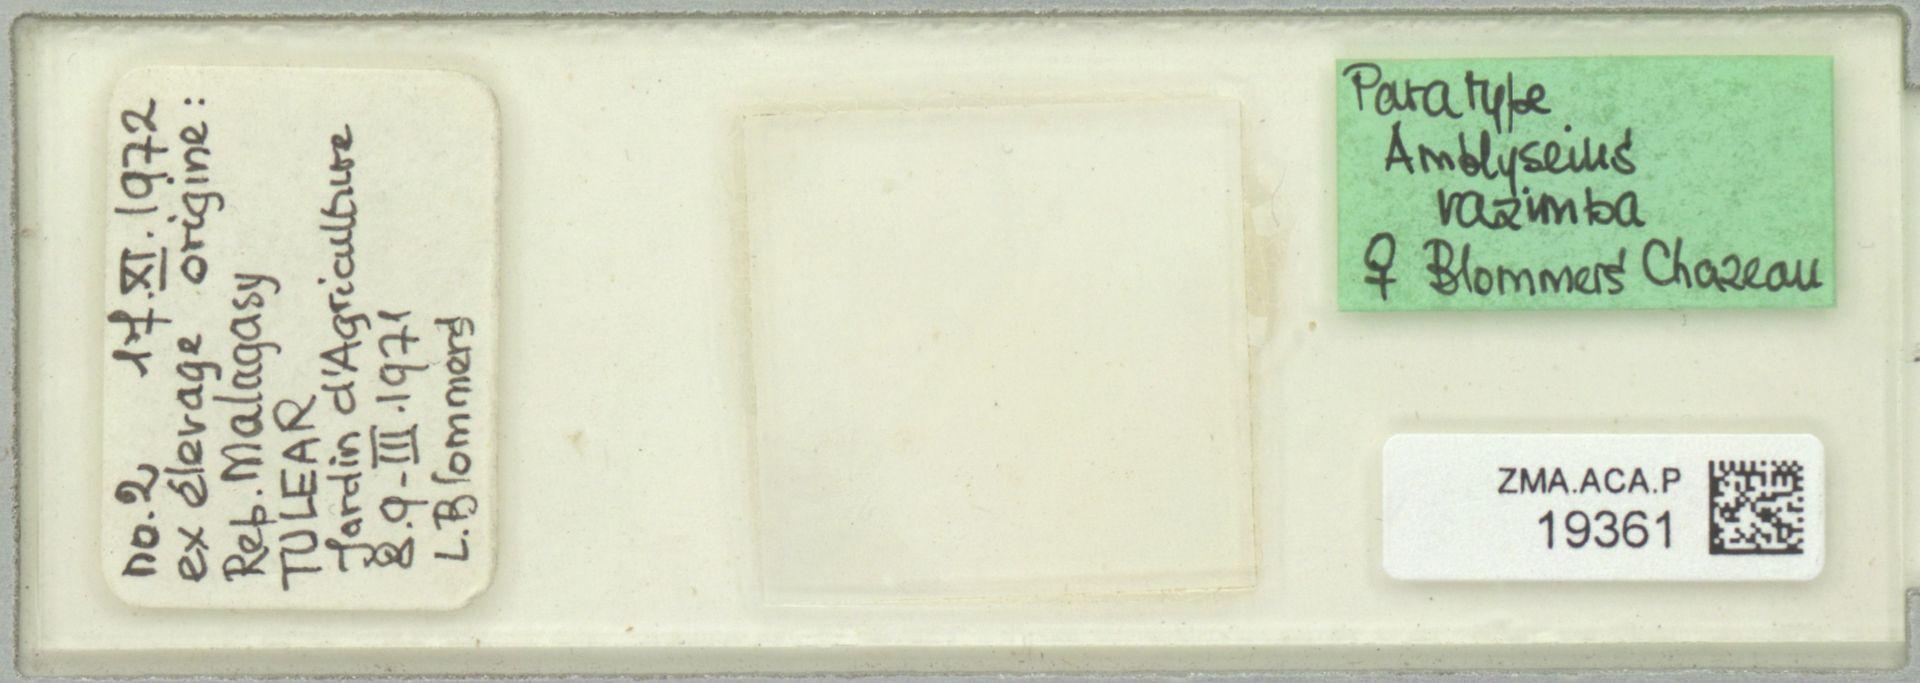 ZMA.ACA.P.19361   Amblyseius razimba Blommers & Chazeau